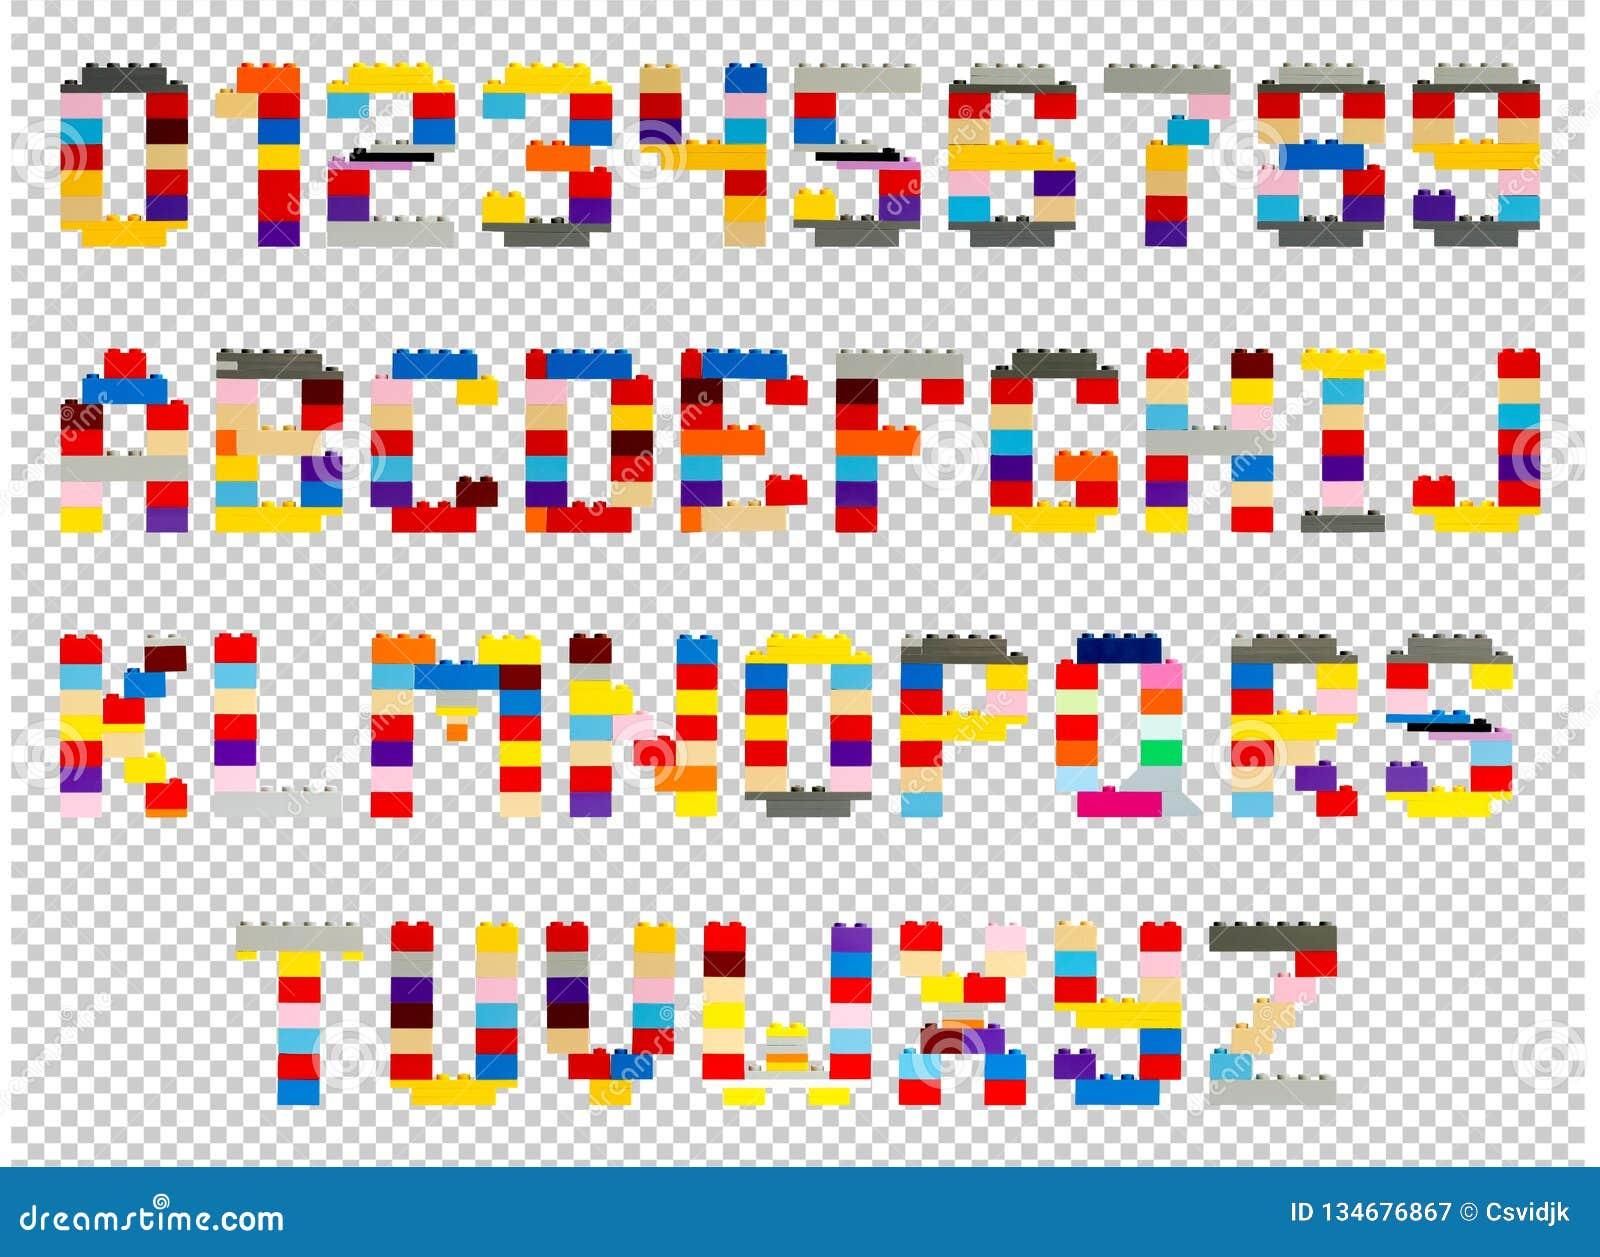 Letras y números del diseñador de los niños con un fondo transparente, png